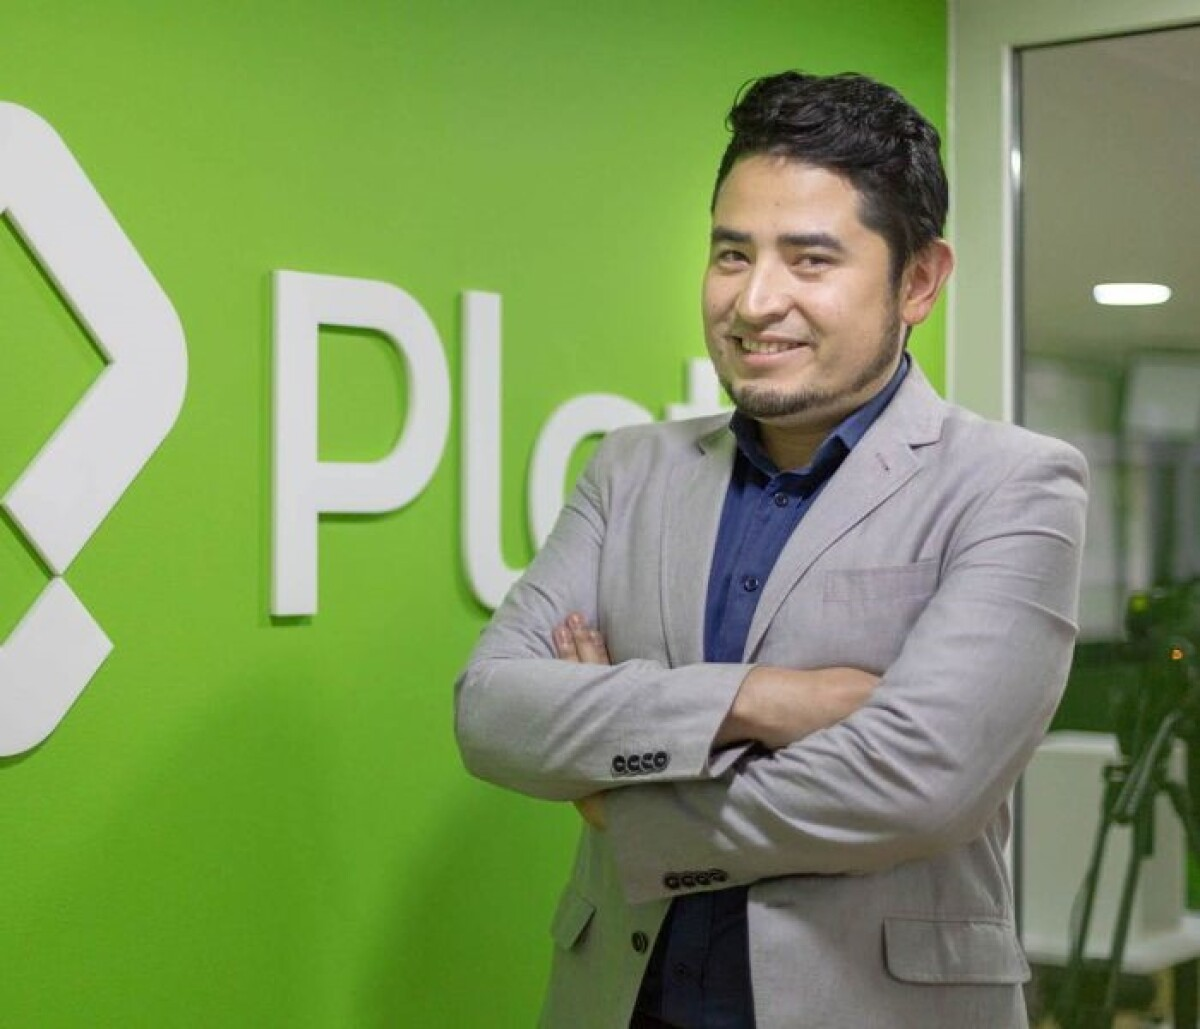 Qué orgullo! Colombiano es reconocido como uno de los innovadores menores  de 35 años por el MIT